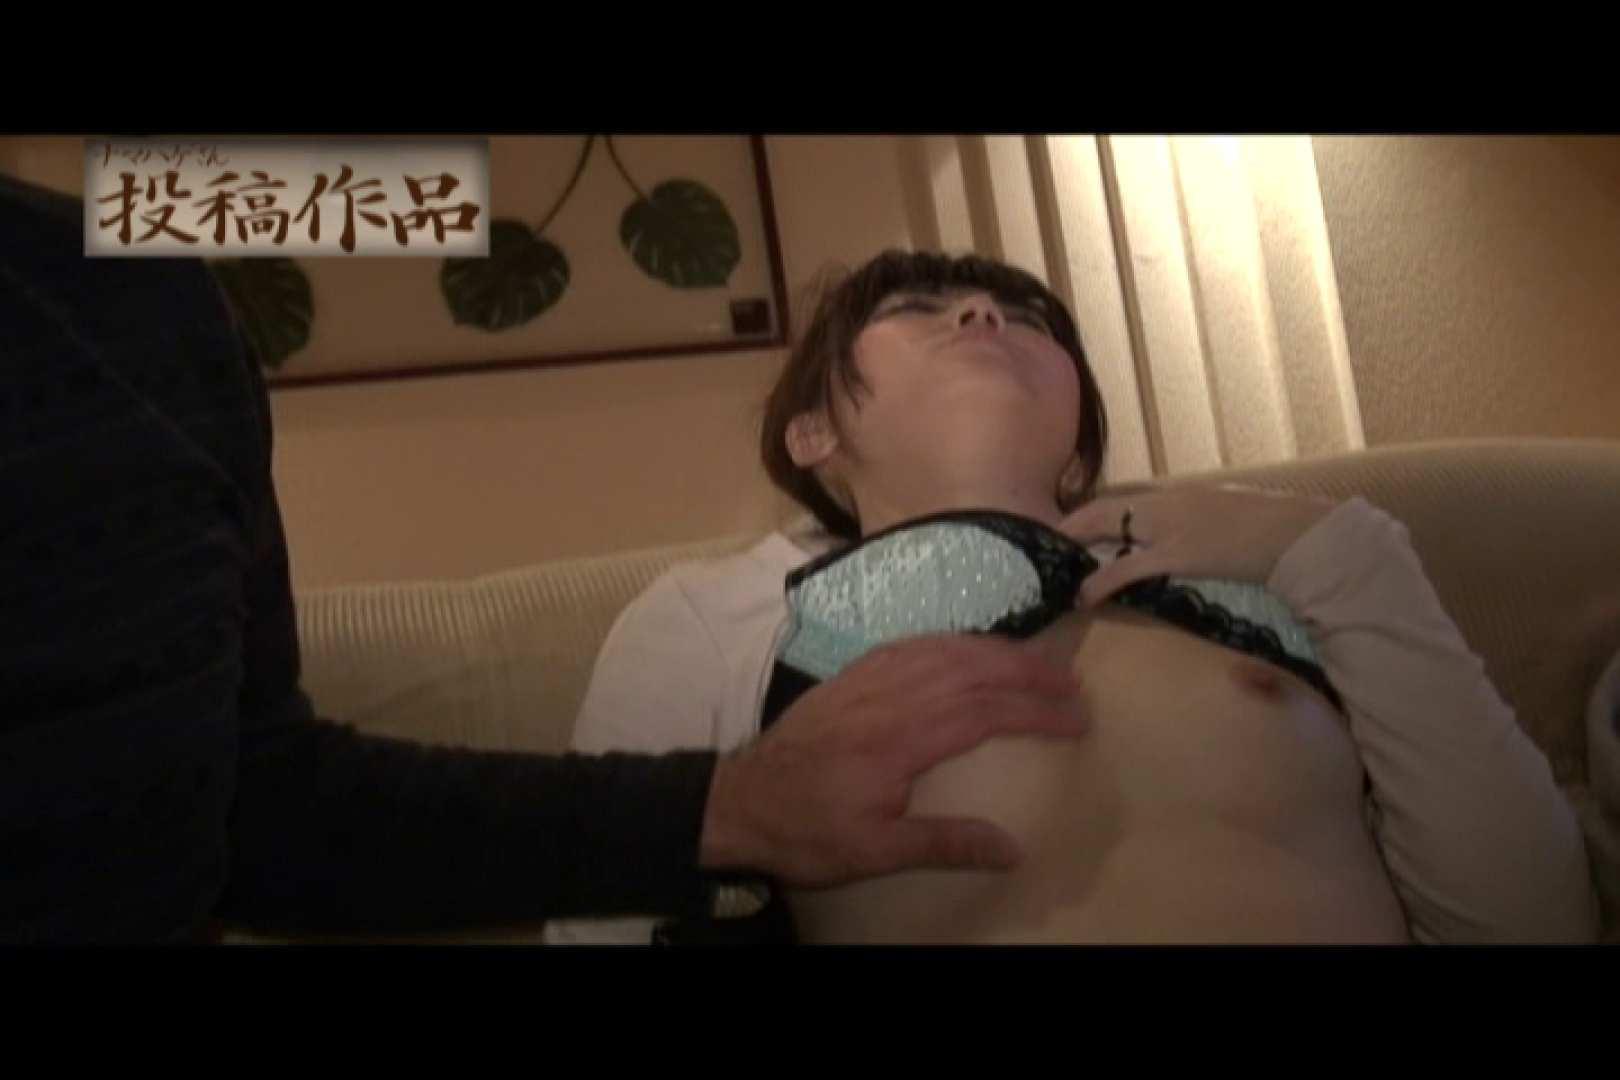 ナマハゲさんのまんこコレクション sakura 盗撮  82pic 21